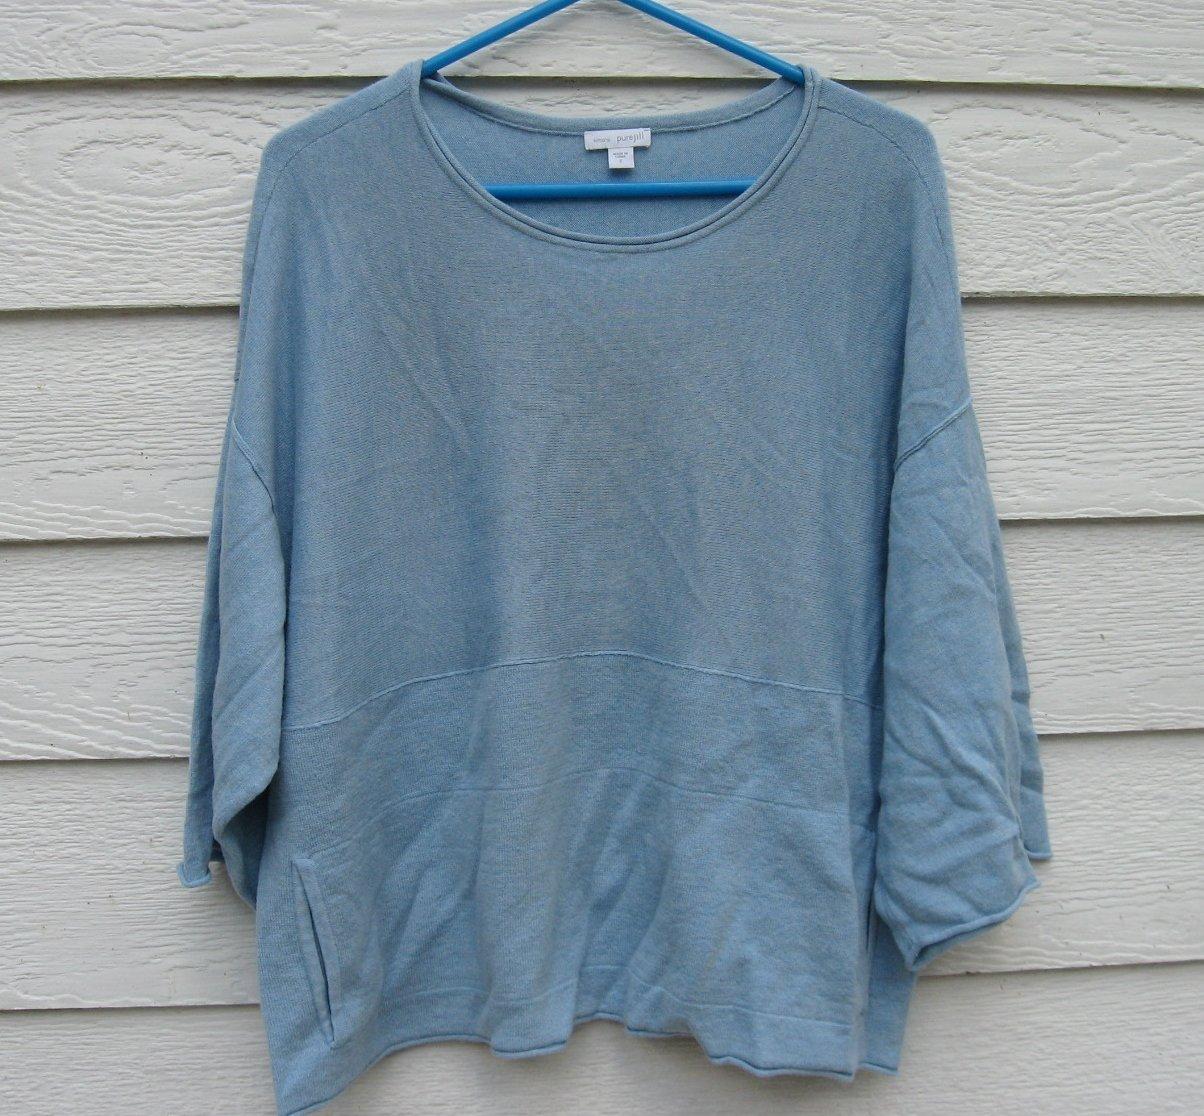 Pure Jill Kimono Sweater Top Small S 48 Chest Cotton Cashmere Blend Light Blue